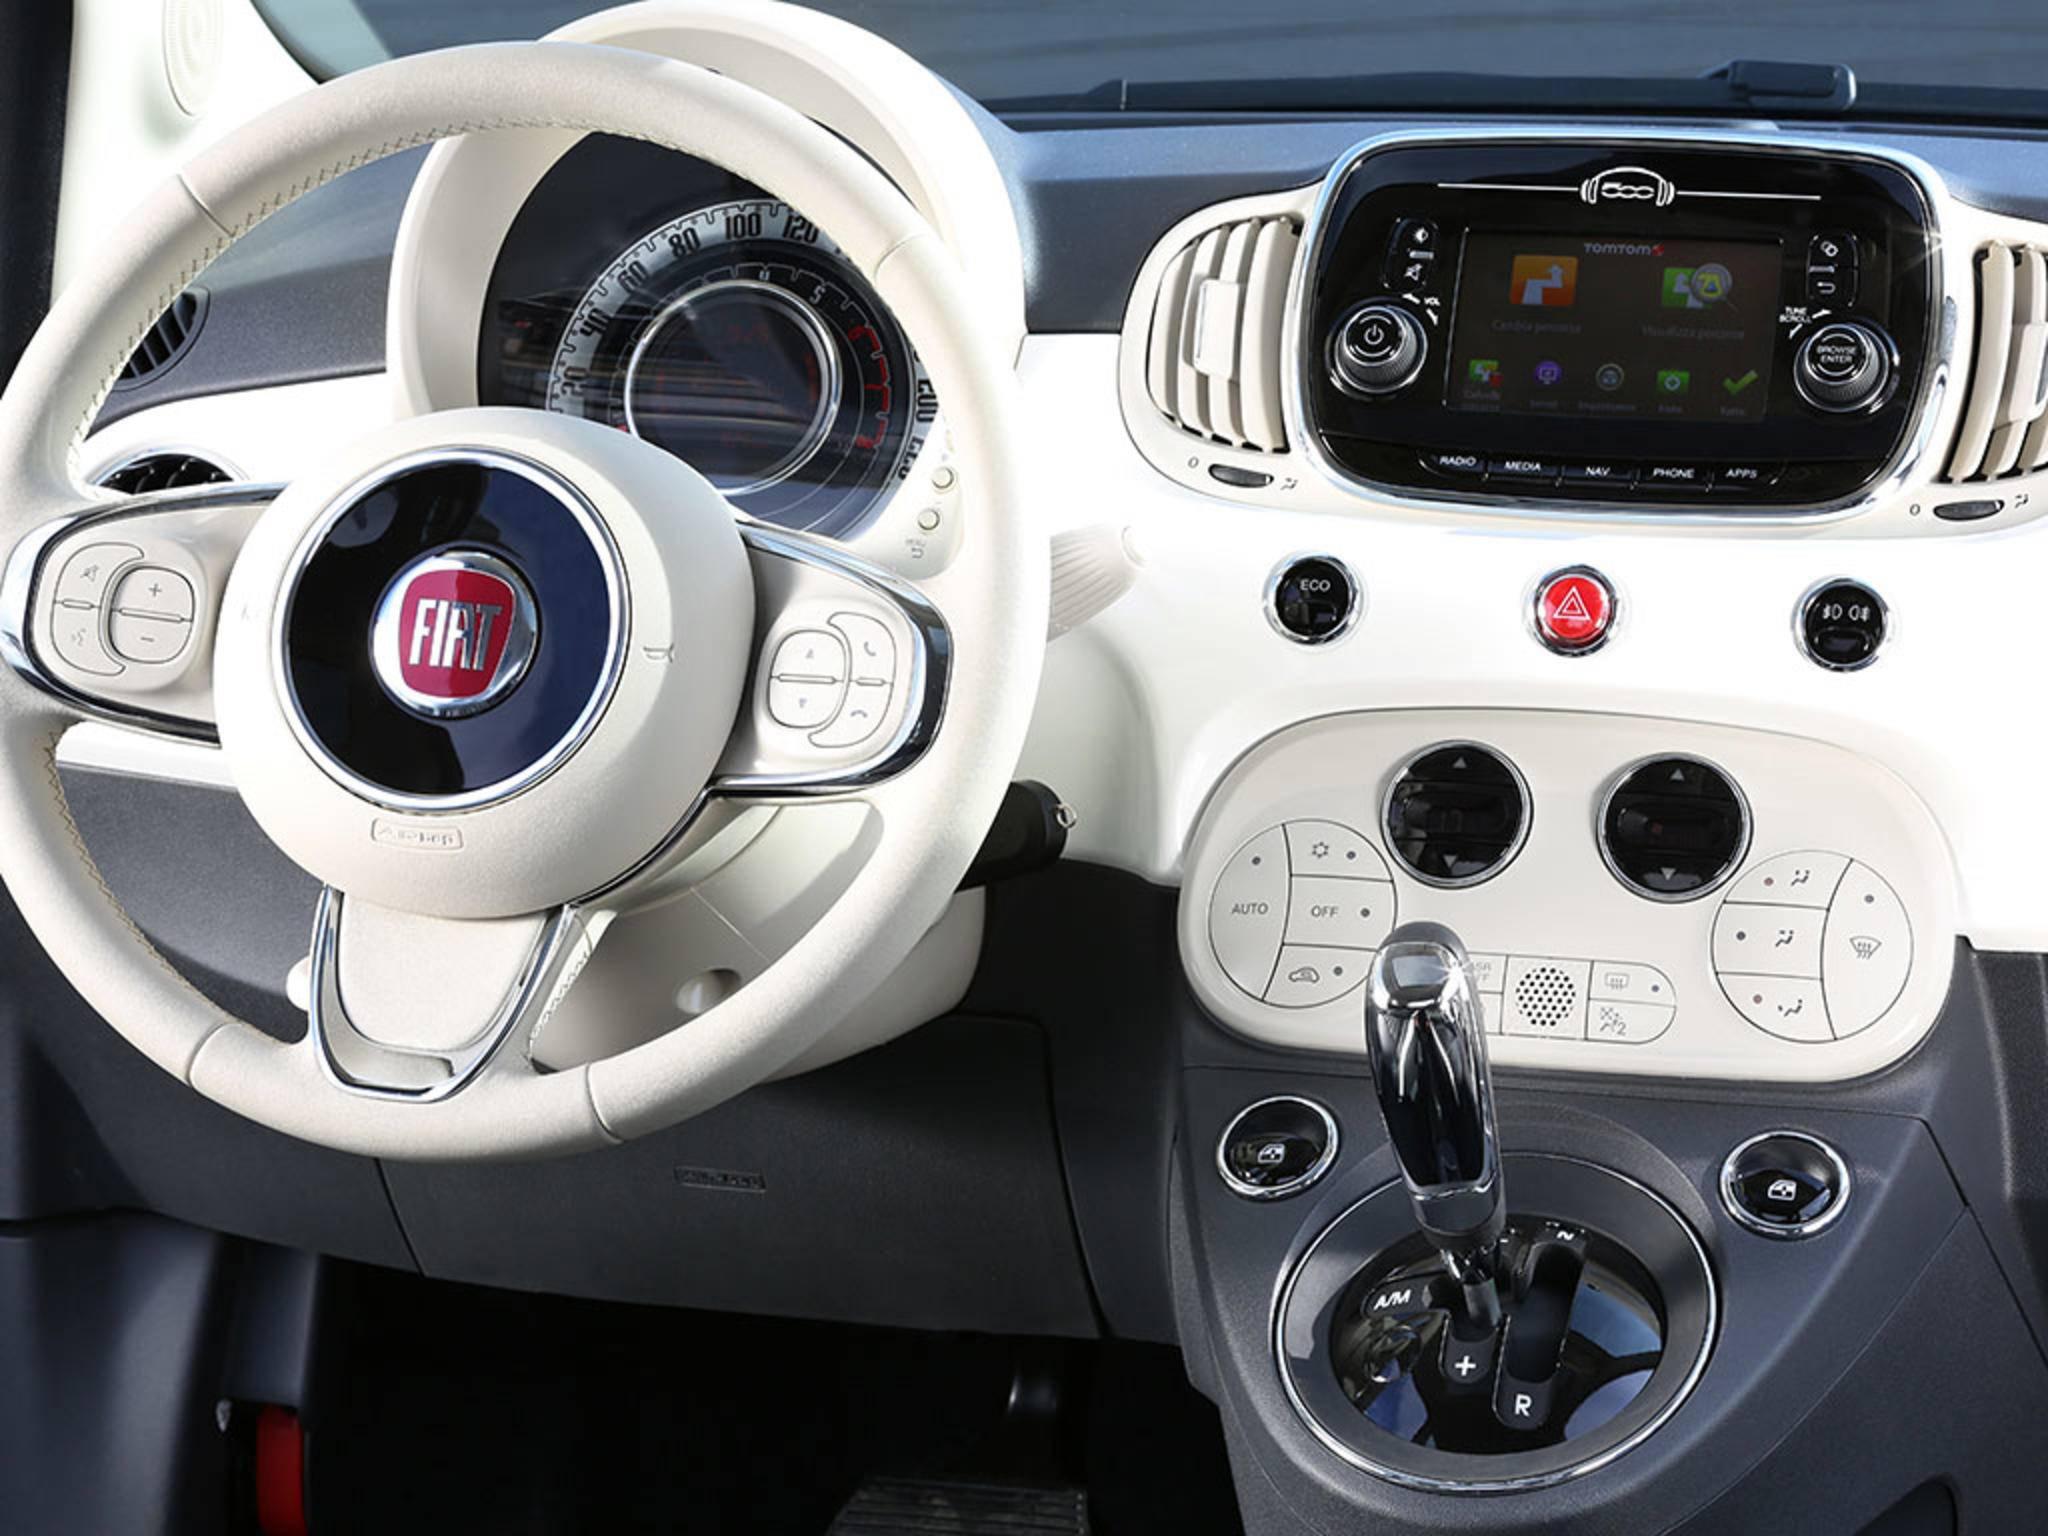 TomTom Fiat 500